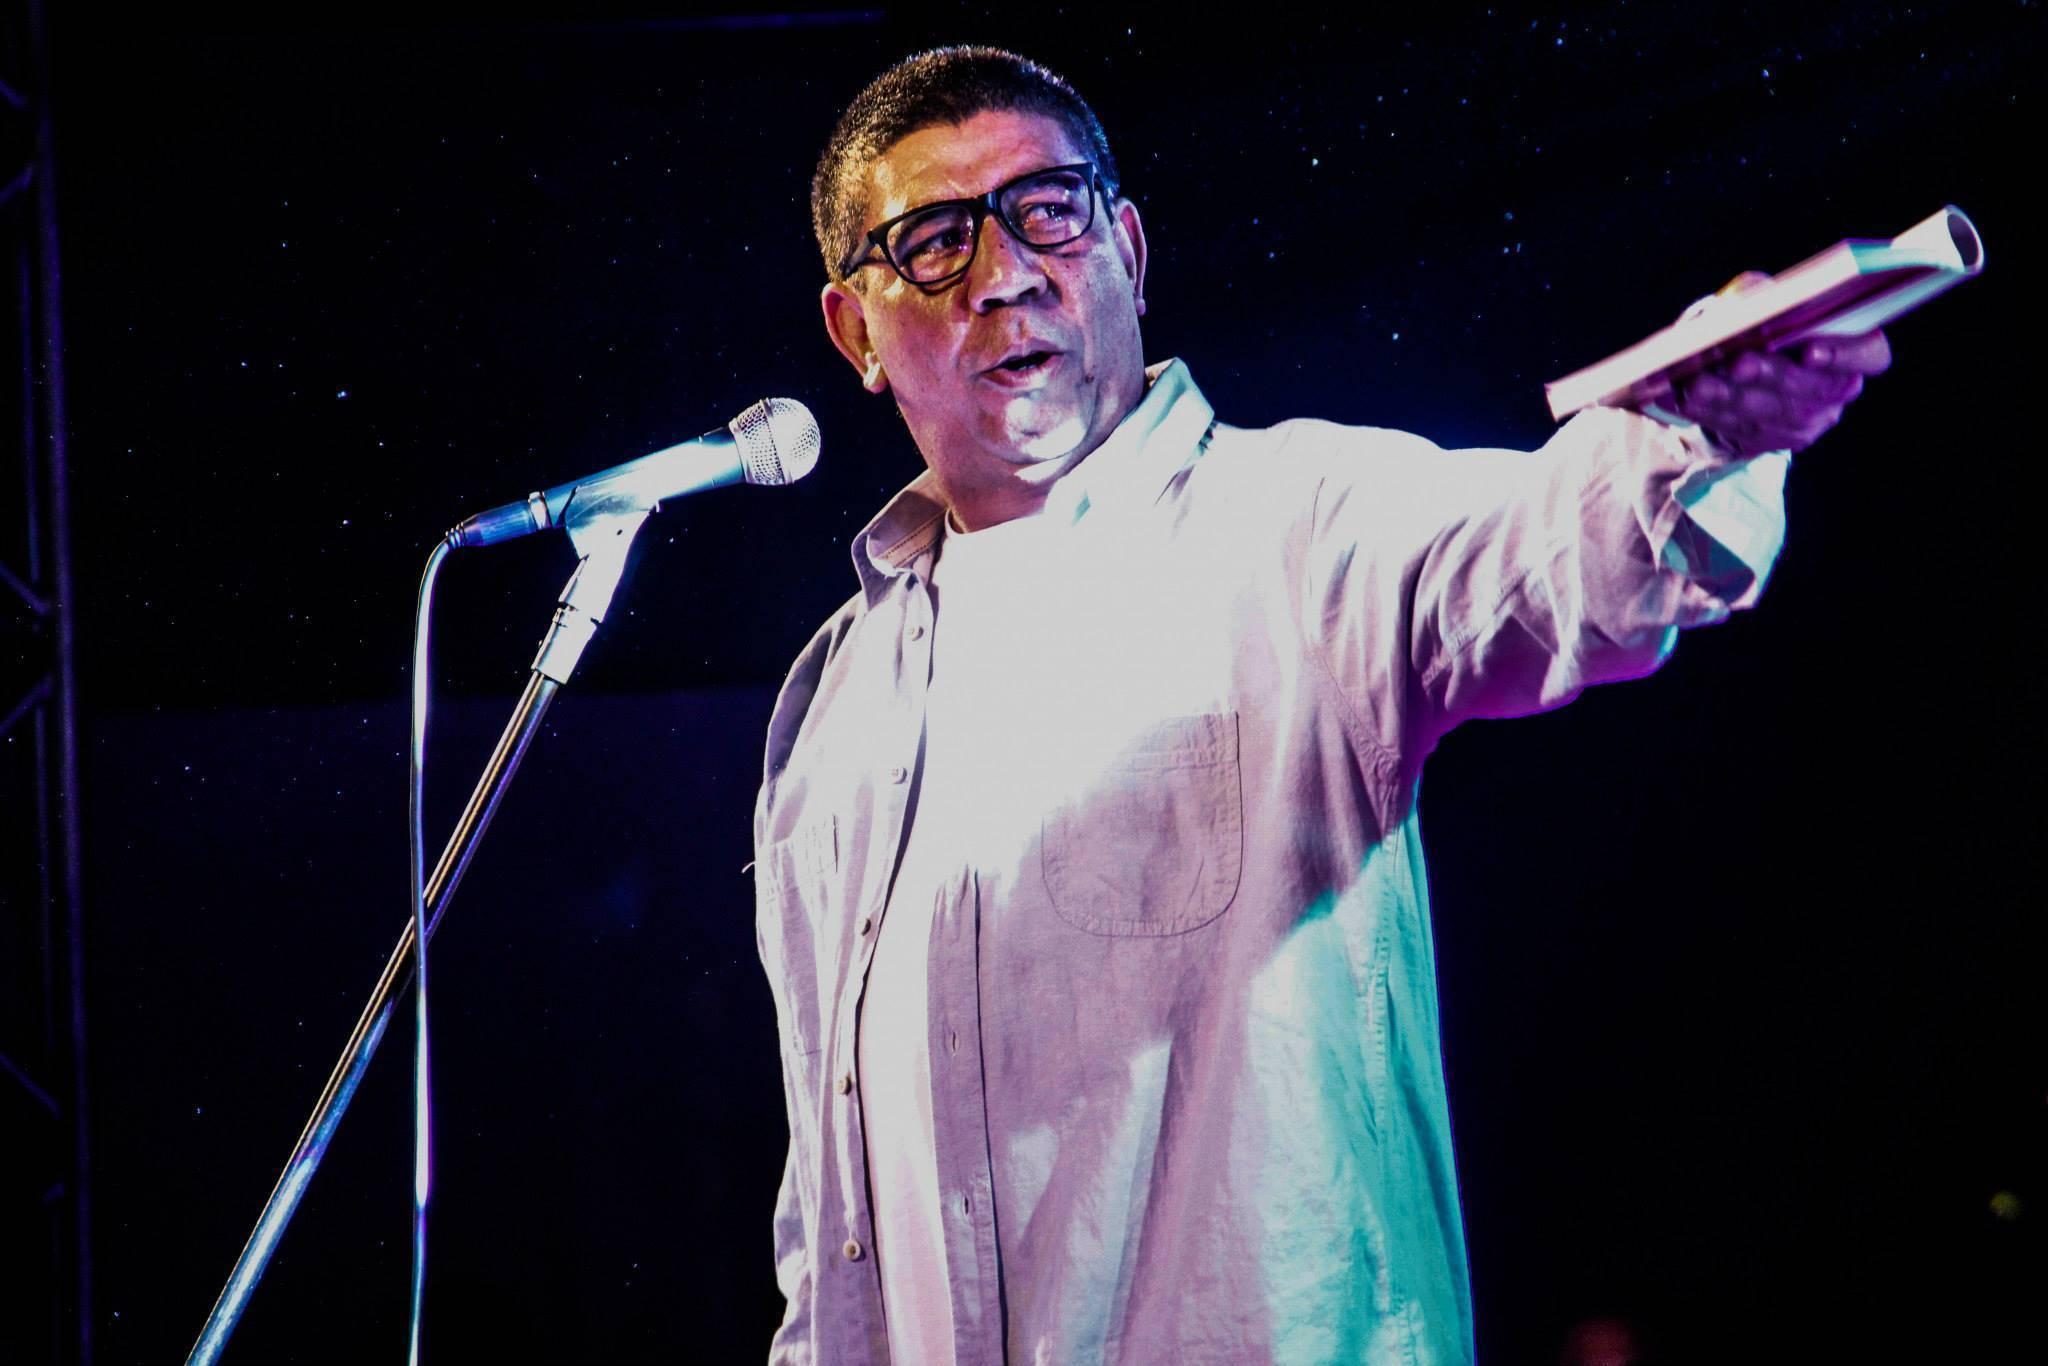 Sérgio Vaz lança em Londrina o livro 'Flores de Alvenaria' que aborda temas variados como educação, negritude, liberdade, sexo, empatia